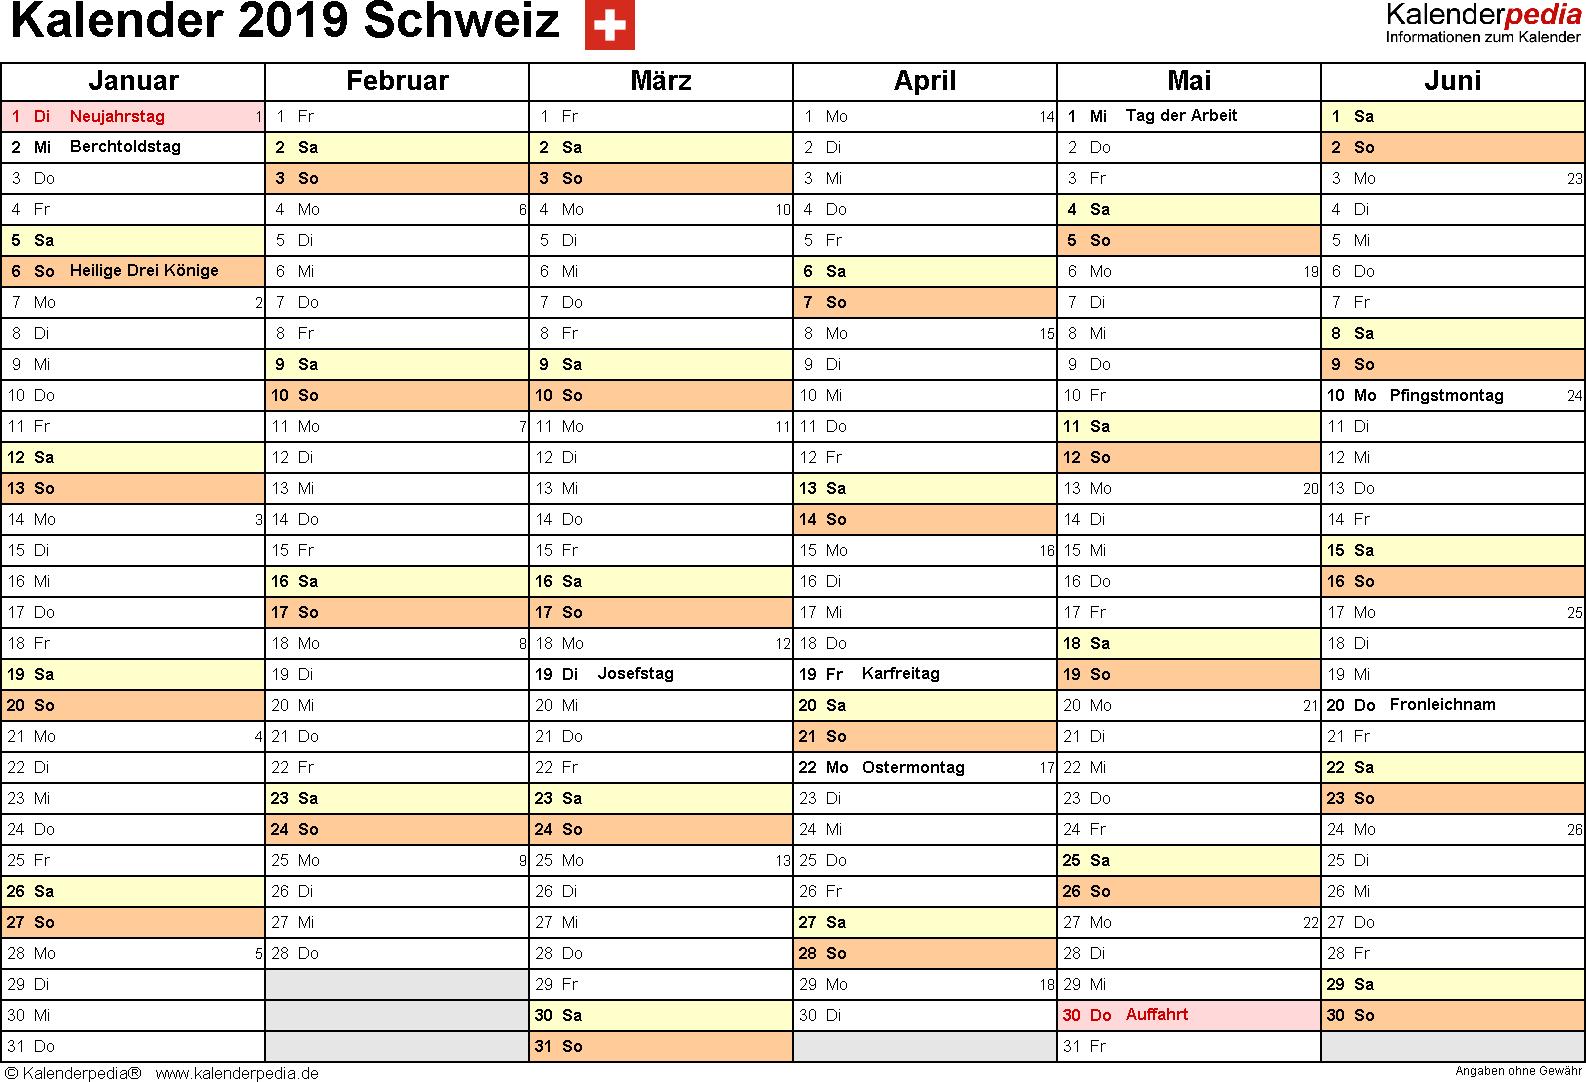 Vorlage 3: Kalender 2019 für die Schweiz  im Microsoft Excel-Format, Querformat, 2 Seiten, 1. Halbjahr (Kalender Januar bis Juni 2019) & 2. Halbjahr (Kalender Juli bis Dezember 2019) auf einen Blick